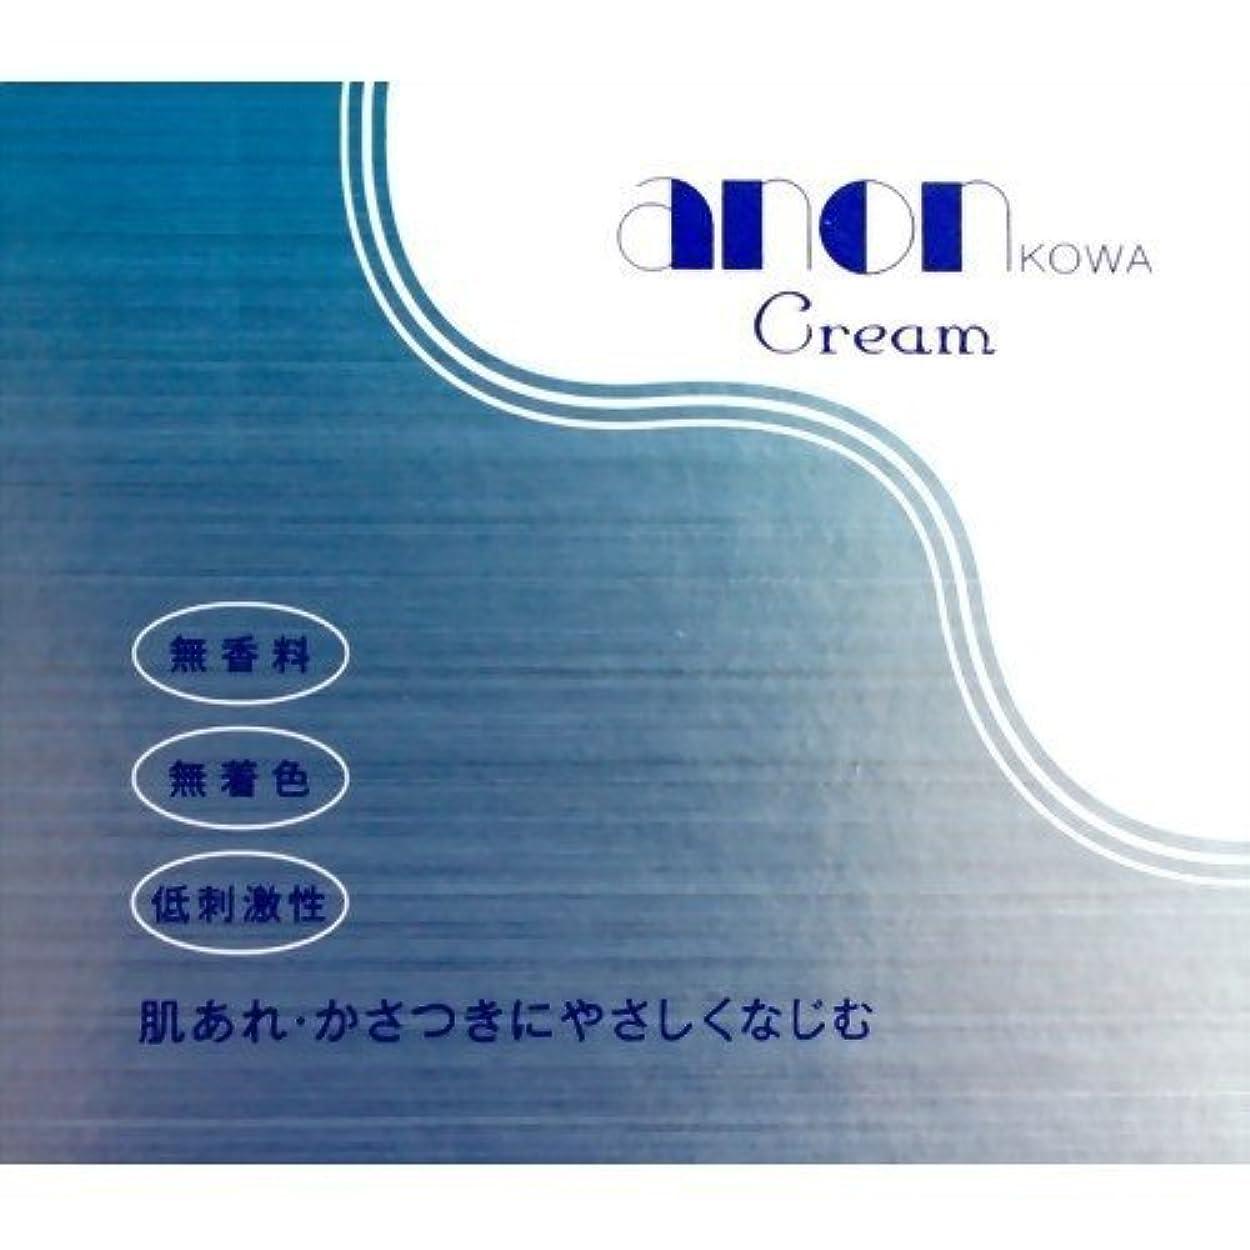 興和新薬 アノンコーワクリーム(160g)×2